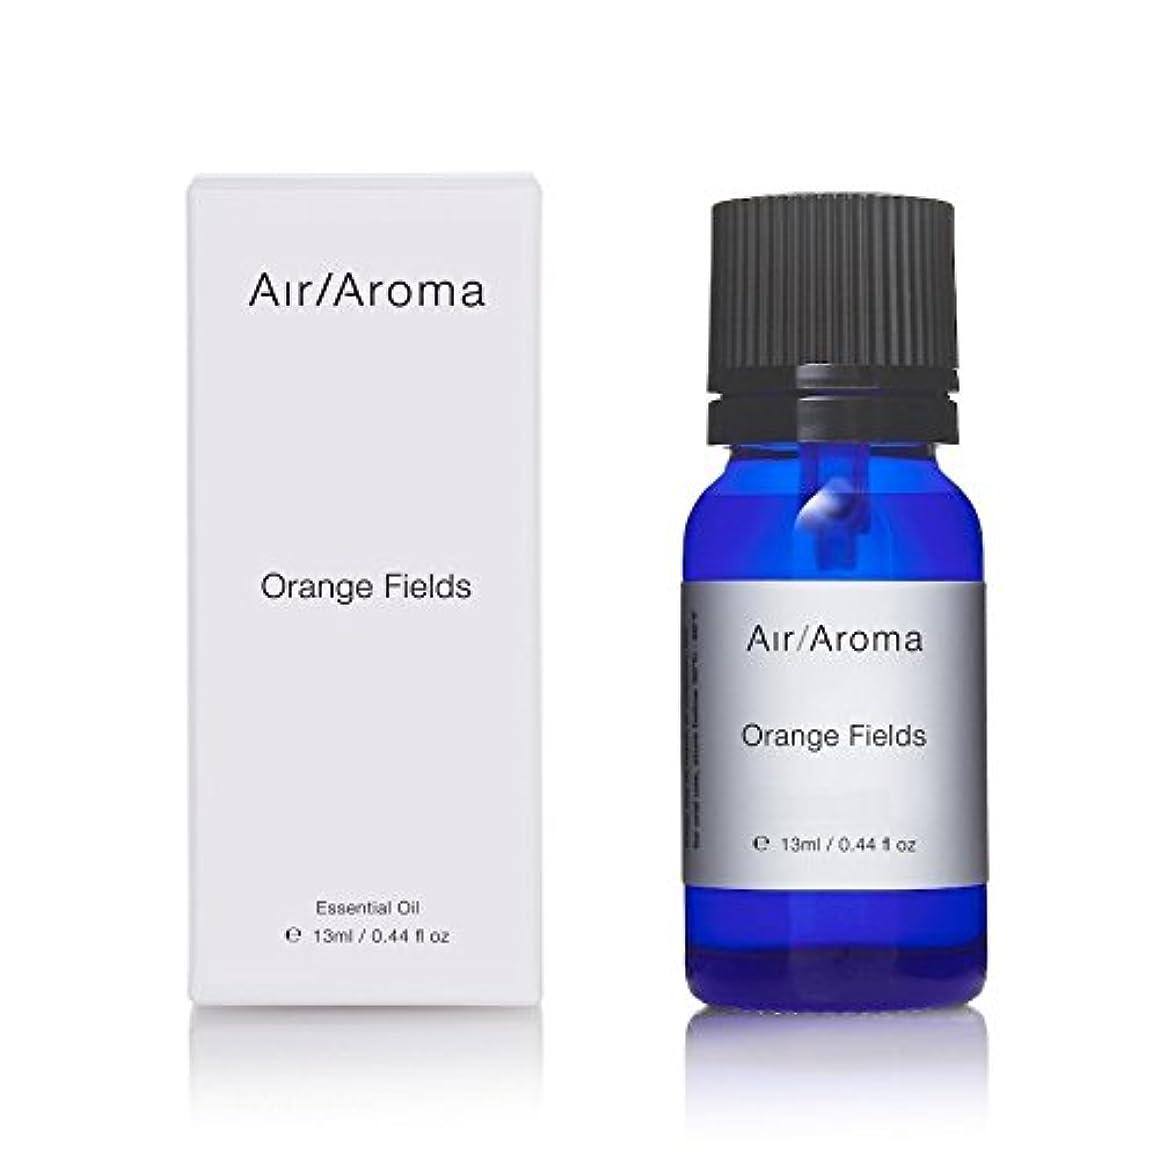 賢明な救援融合エアアロマ orange fields (オレンジフィールド) 13ml